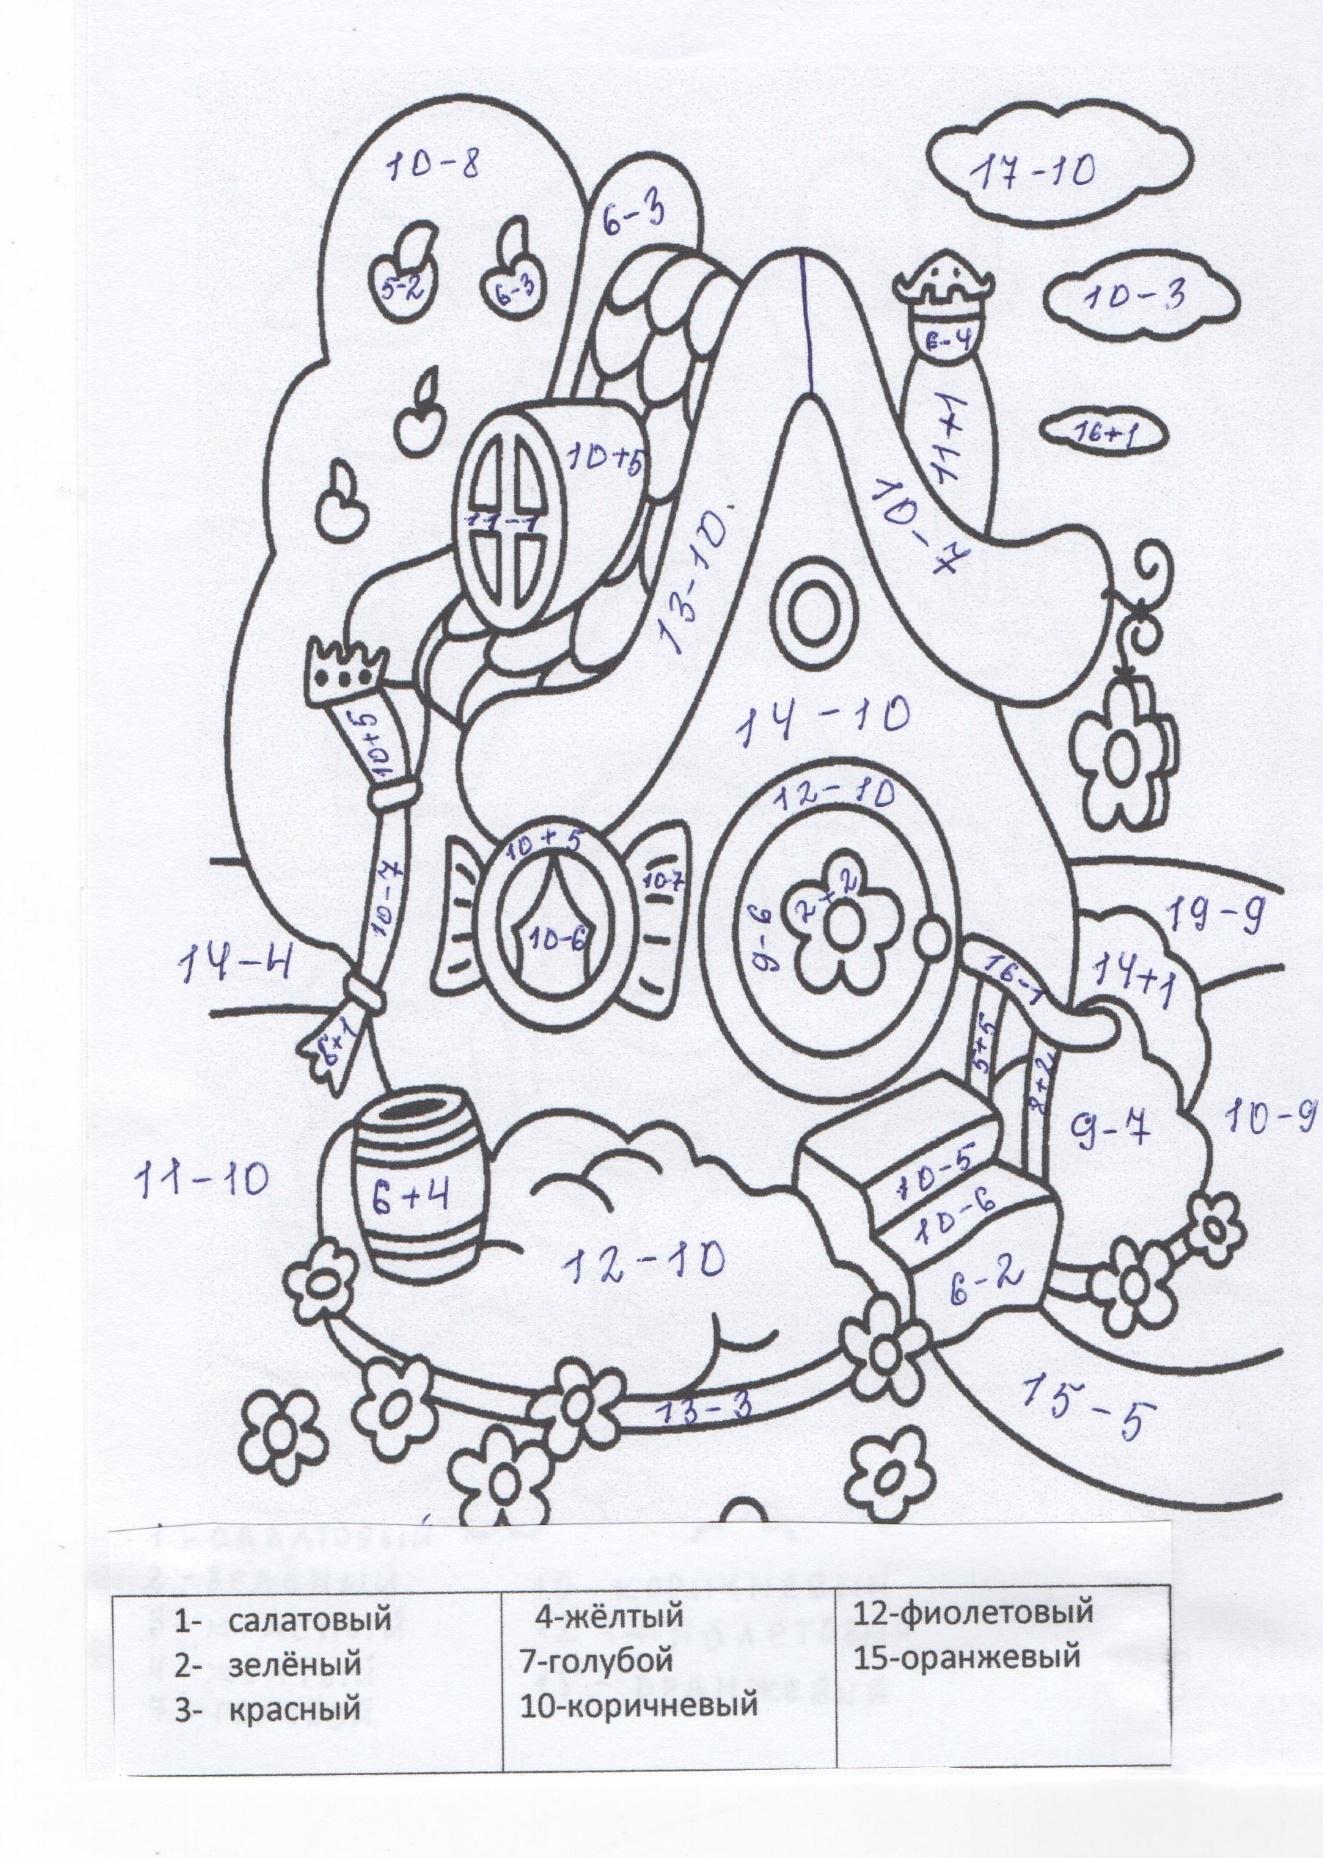 C:\Users\ЛАРИСА\Documents\Scanned Documents\Рисунок (33).jpg